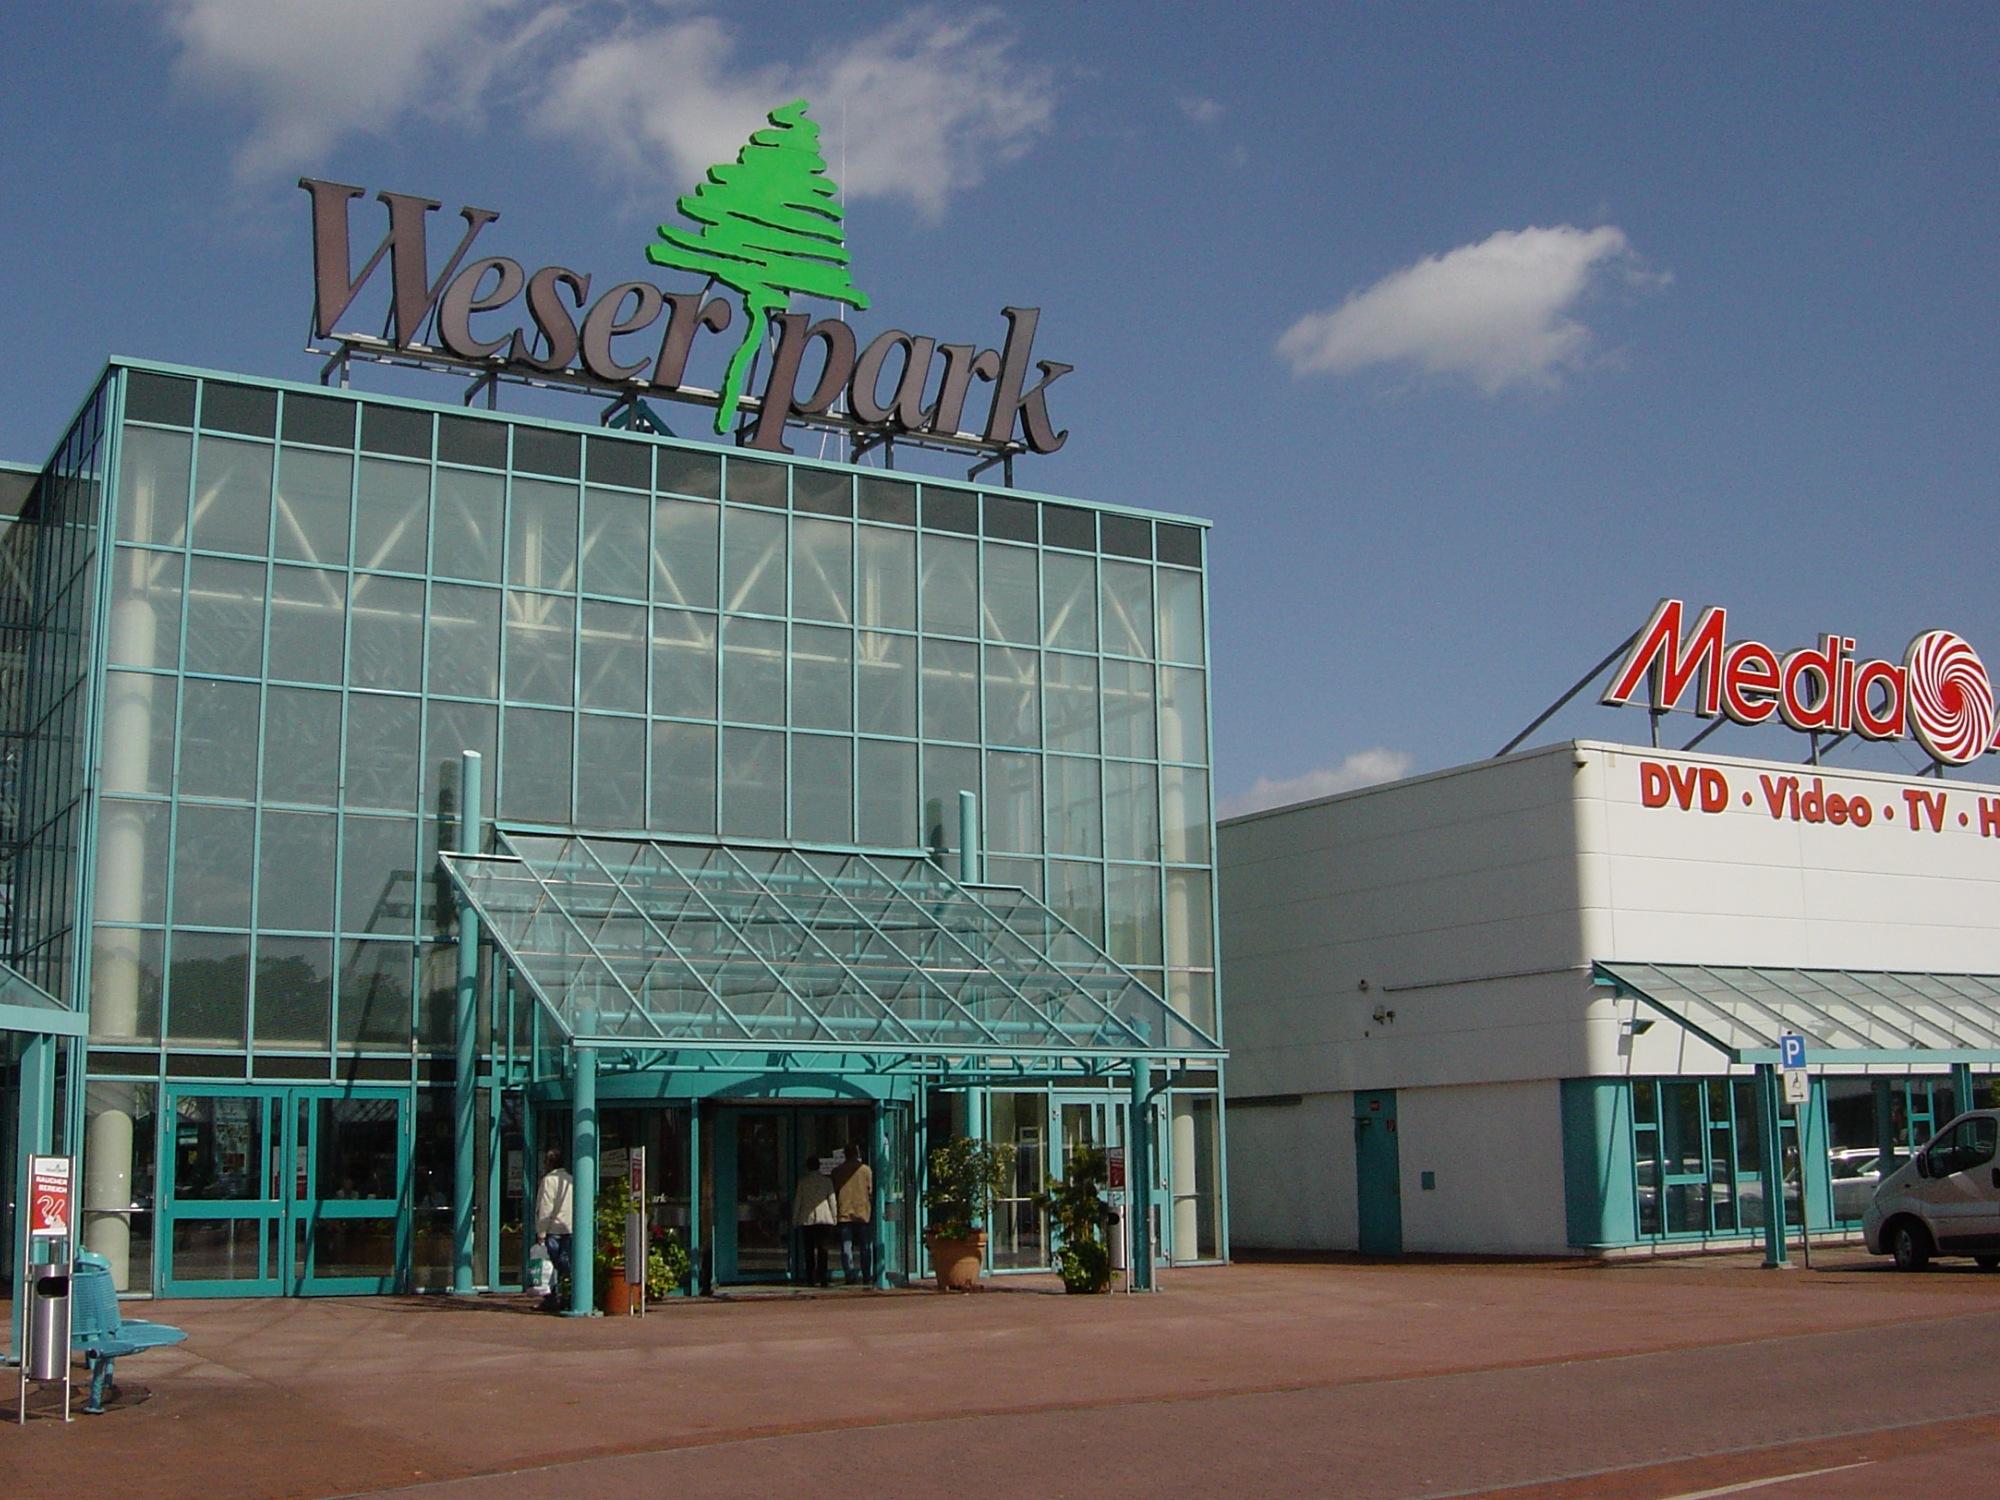 Küchentreff Bremen Weserpark ~ welches image hat die firma welserpark gmbh& co kg